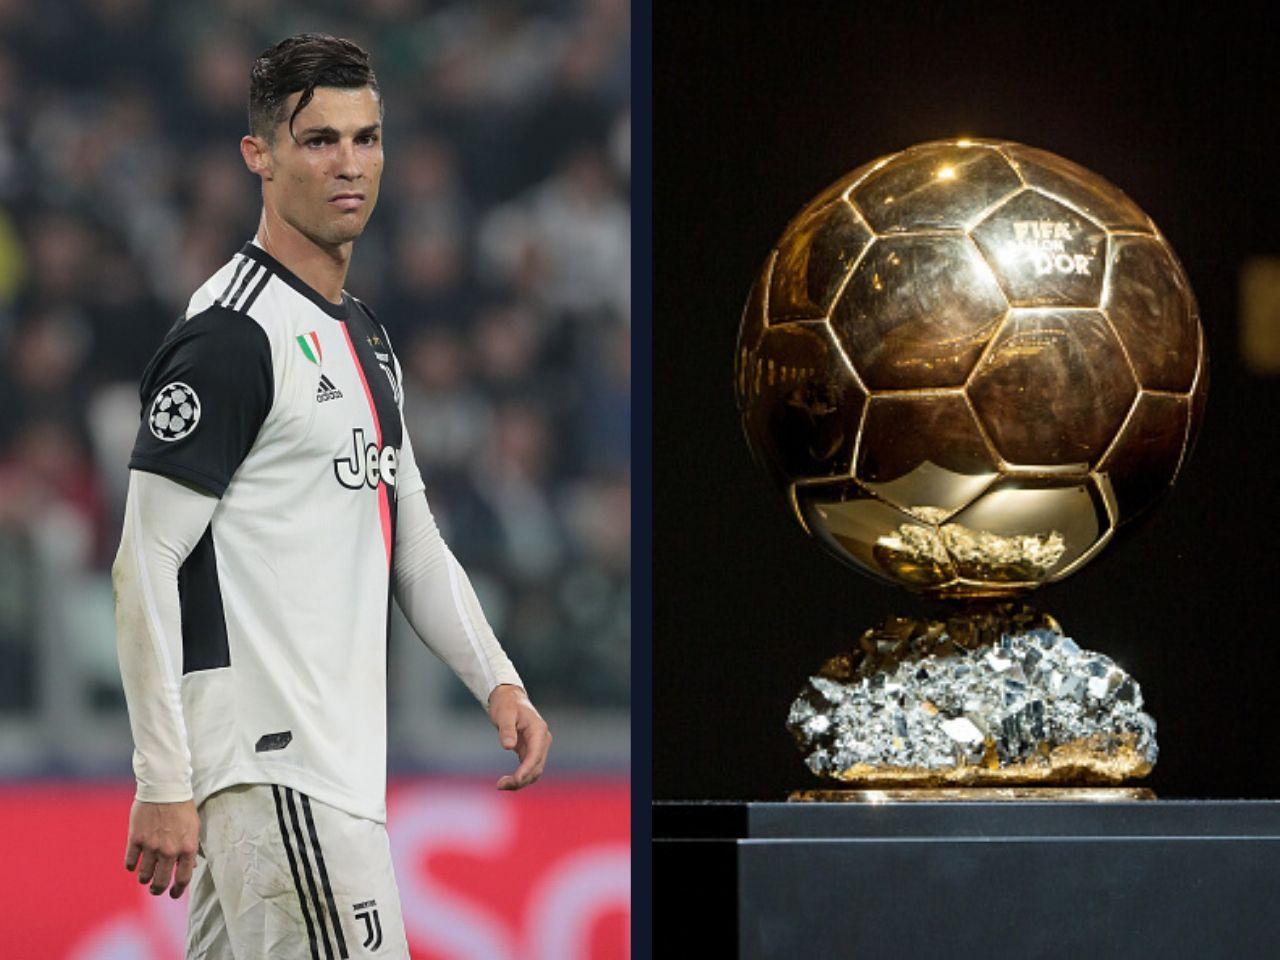 Cristiano Ronaldo, Juventus, Ballon d'Or